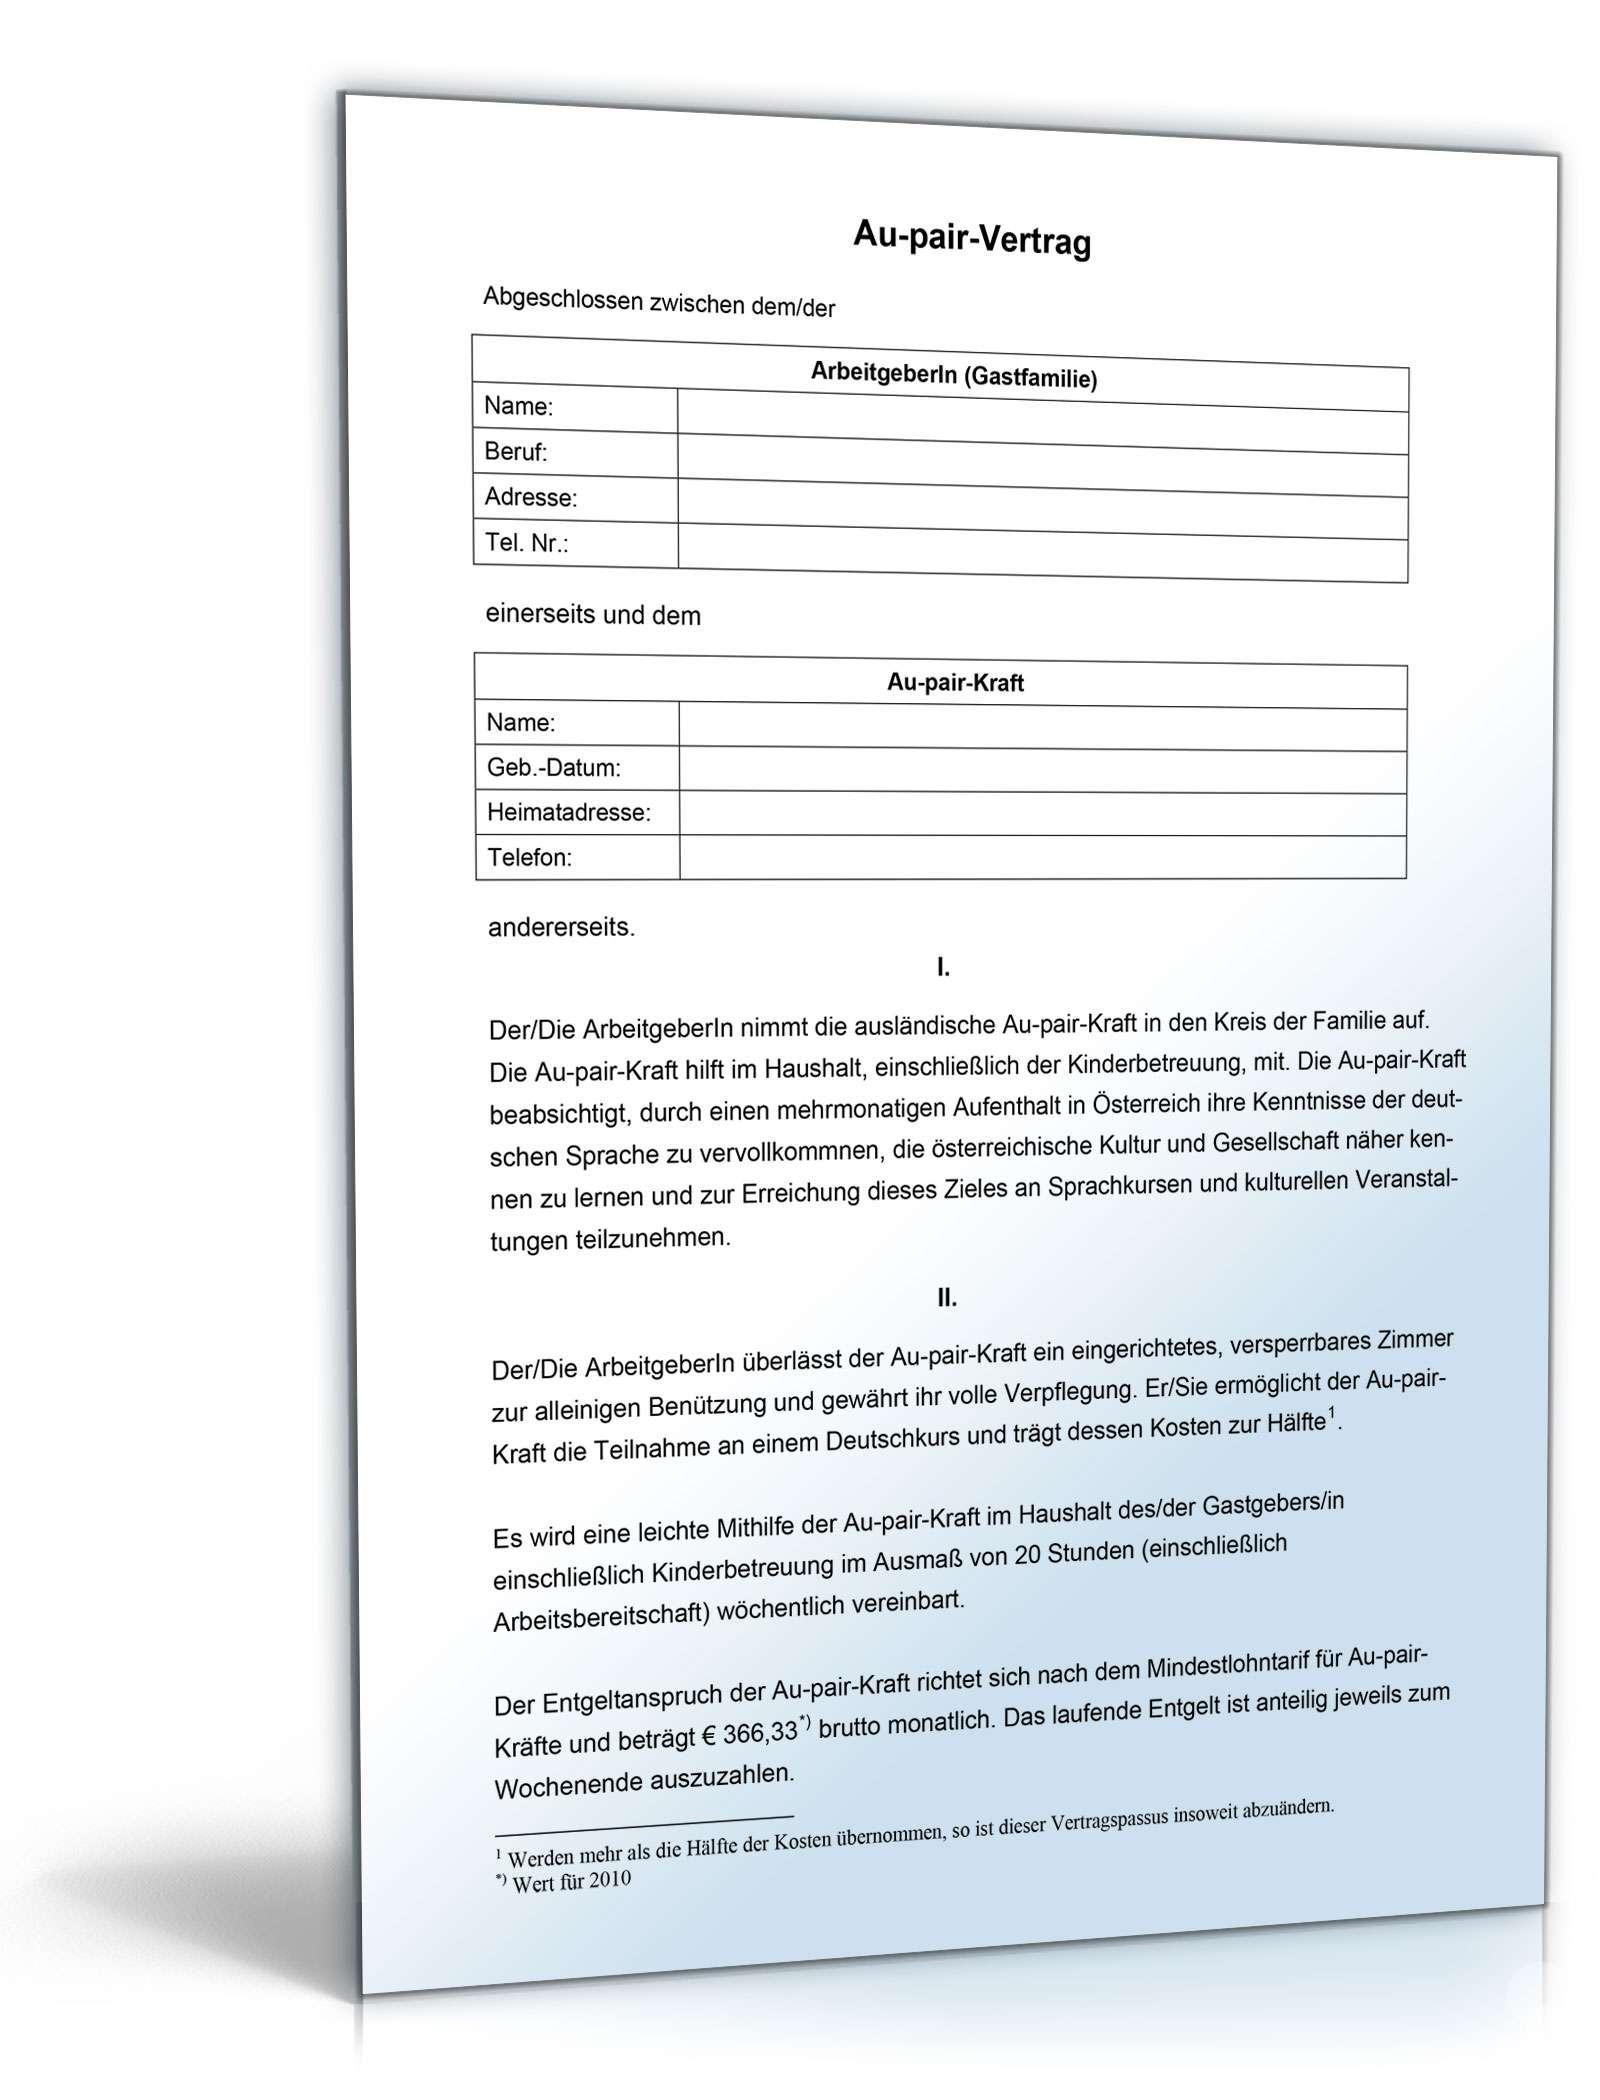 Au Pair Vertrag Muster Vorlage Zum Download